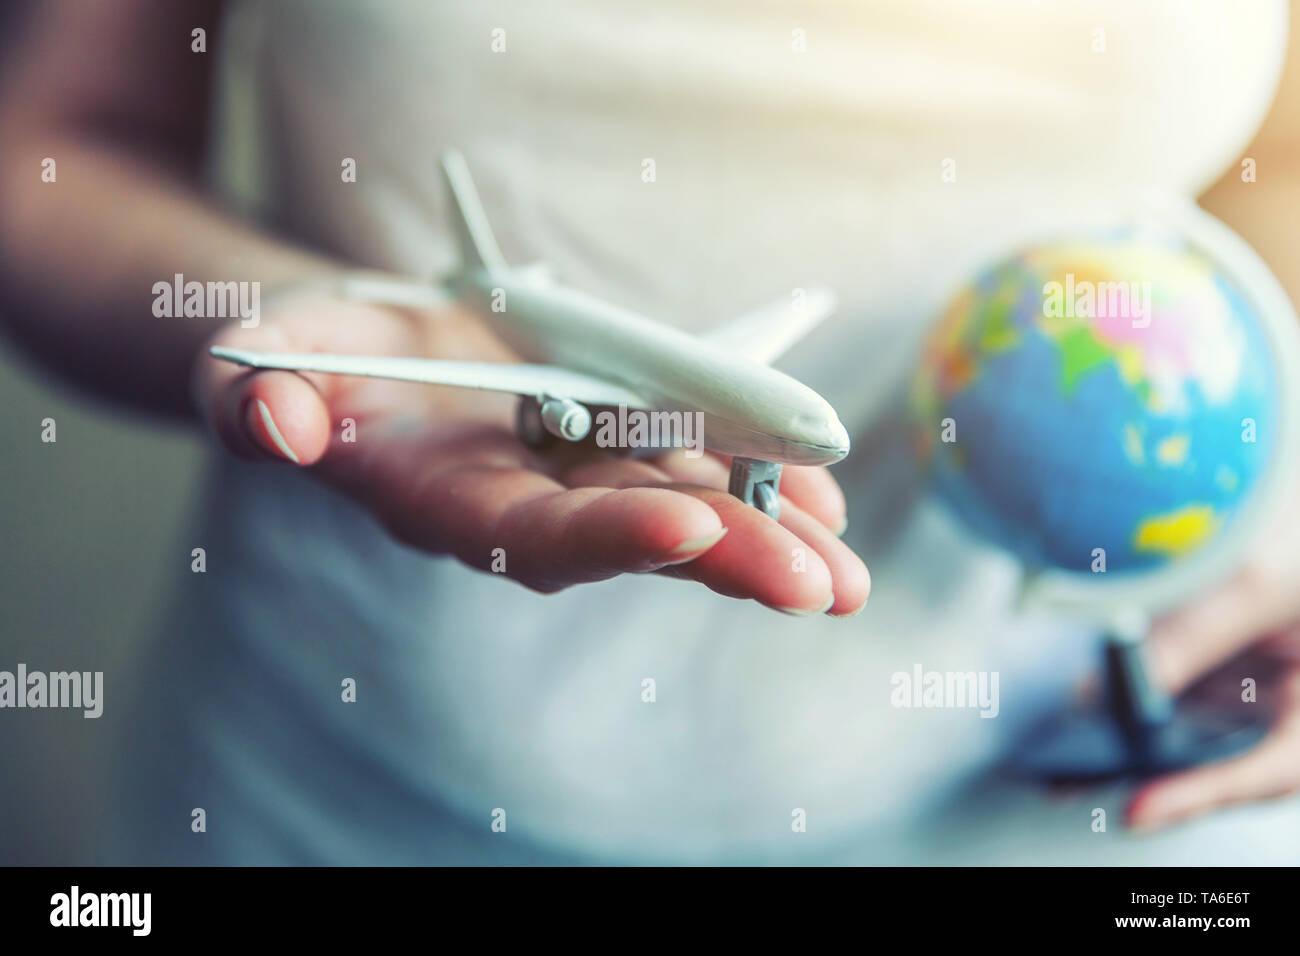 Donna femmina mani piccoli toy piano modello e mappa del globo. Il viaggio in aereo week-end di vacanza viaggio avventura biglietto di viaggio tour consegna aerea Foto Stock